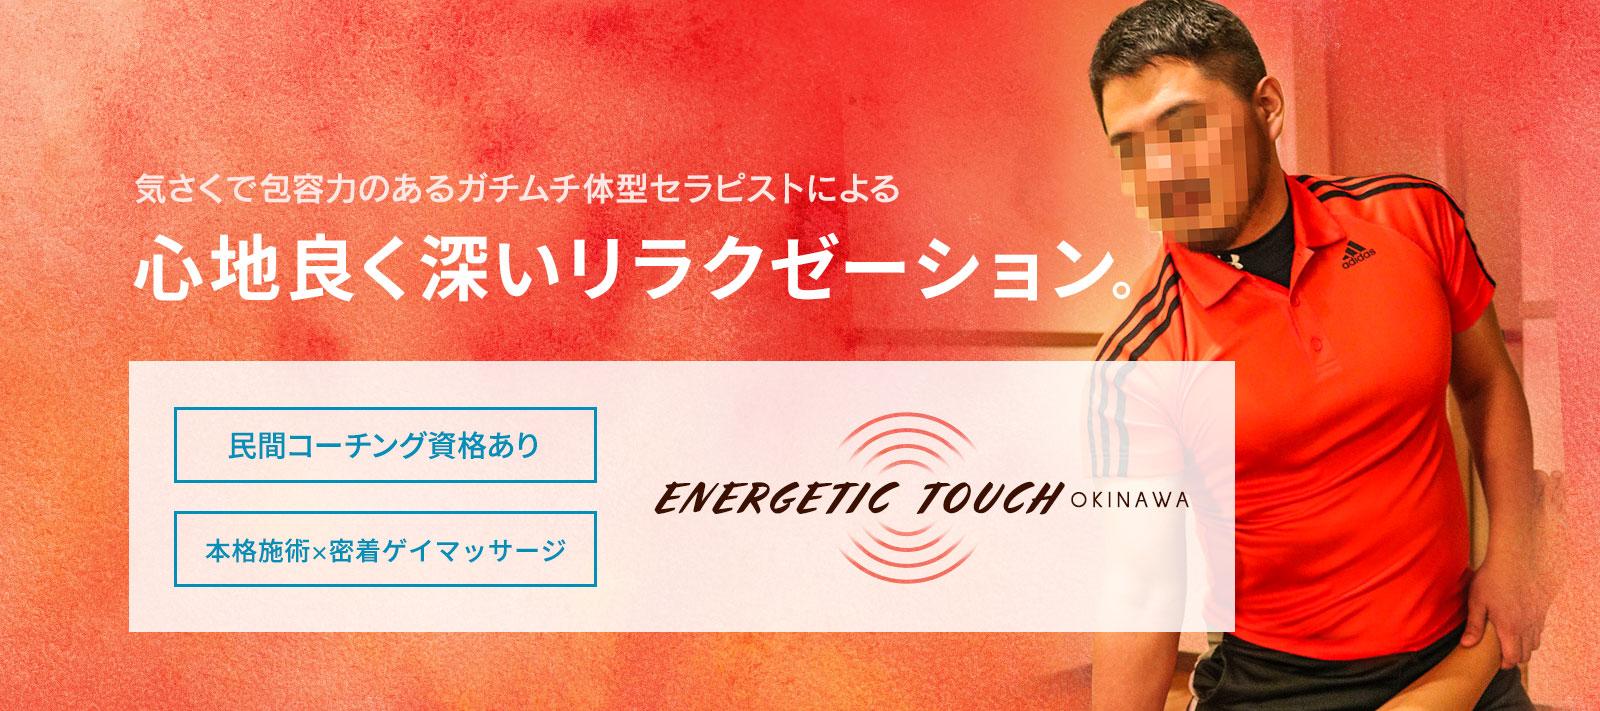 沖縄ゲイマッサージENERGETIC-TOUCH-OKINAWAはこちら